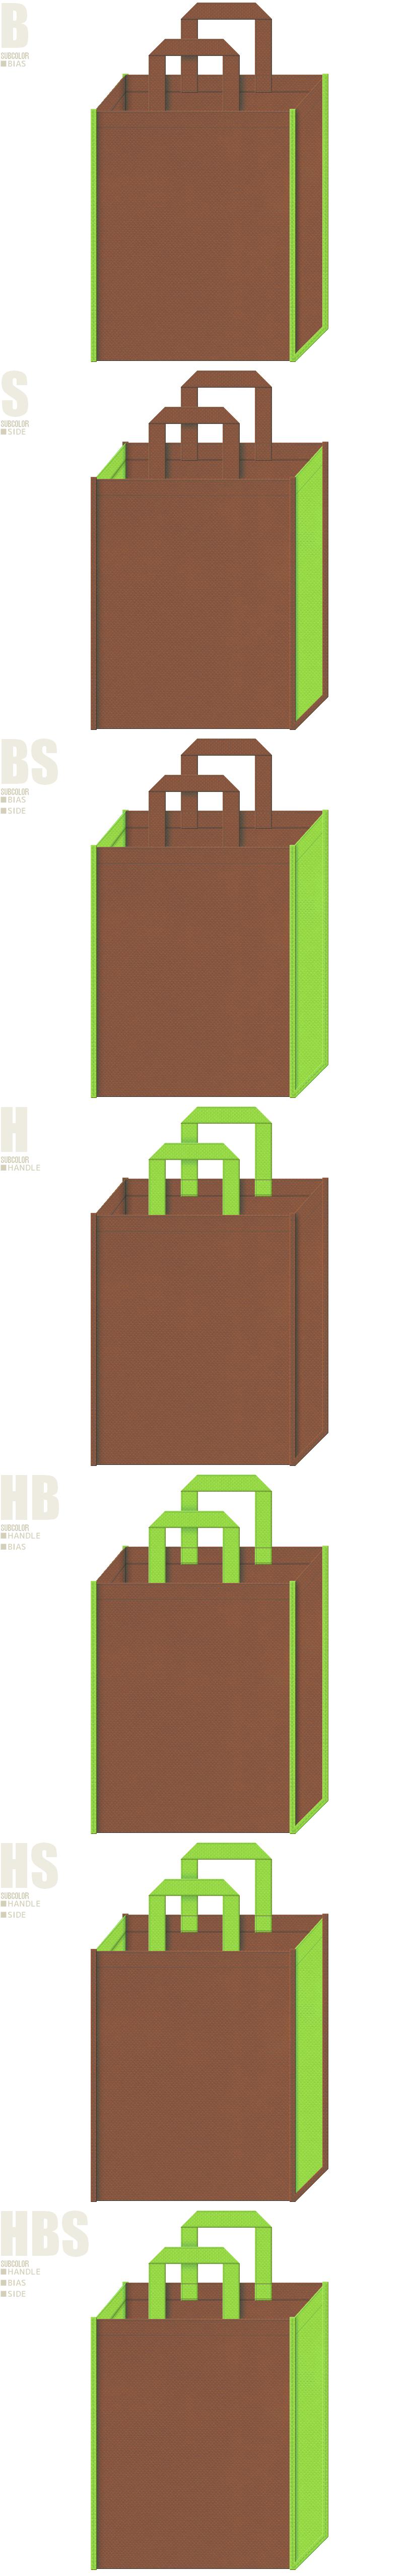 園芸用品の展示会用バッグ、緑化・エコセミナーの資料配布用バッグにお奨めです。茶色と黄緑色、7パターンの不織布トートバッグ配色デザイン例。